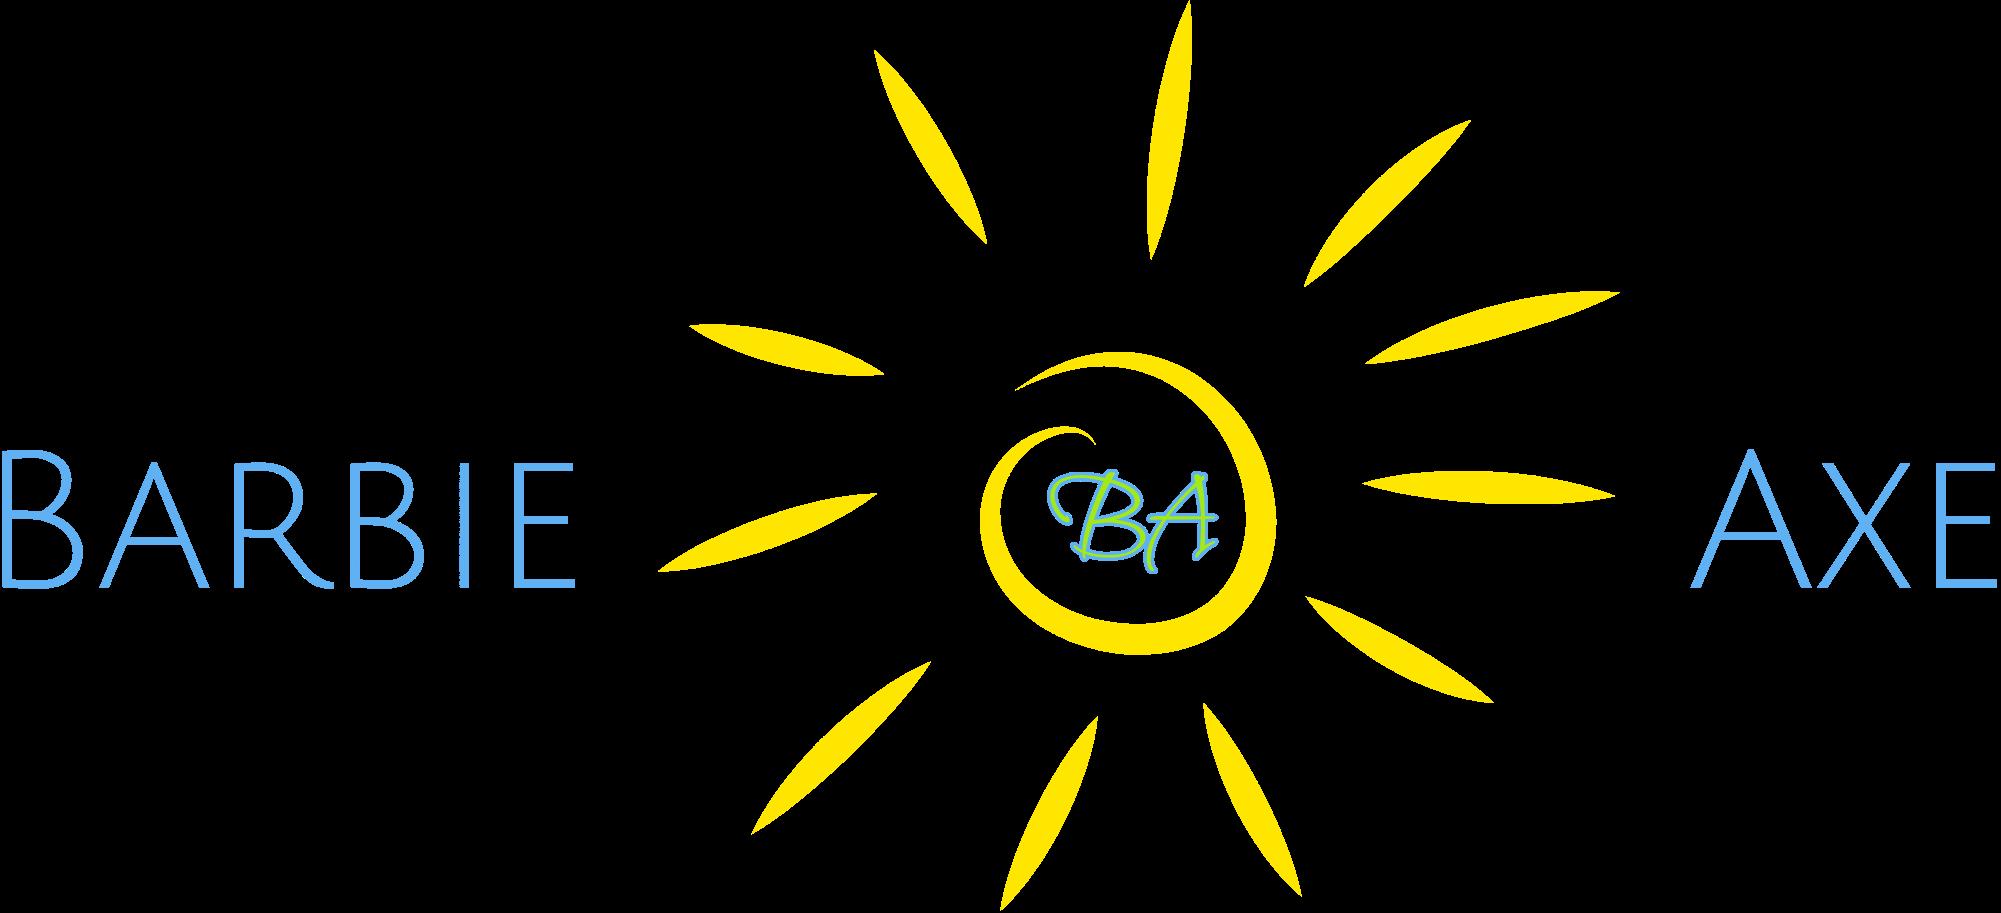 Barbie Axe logo